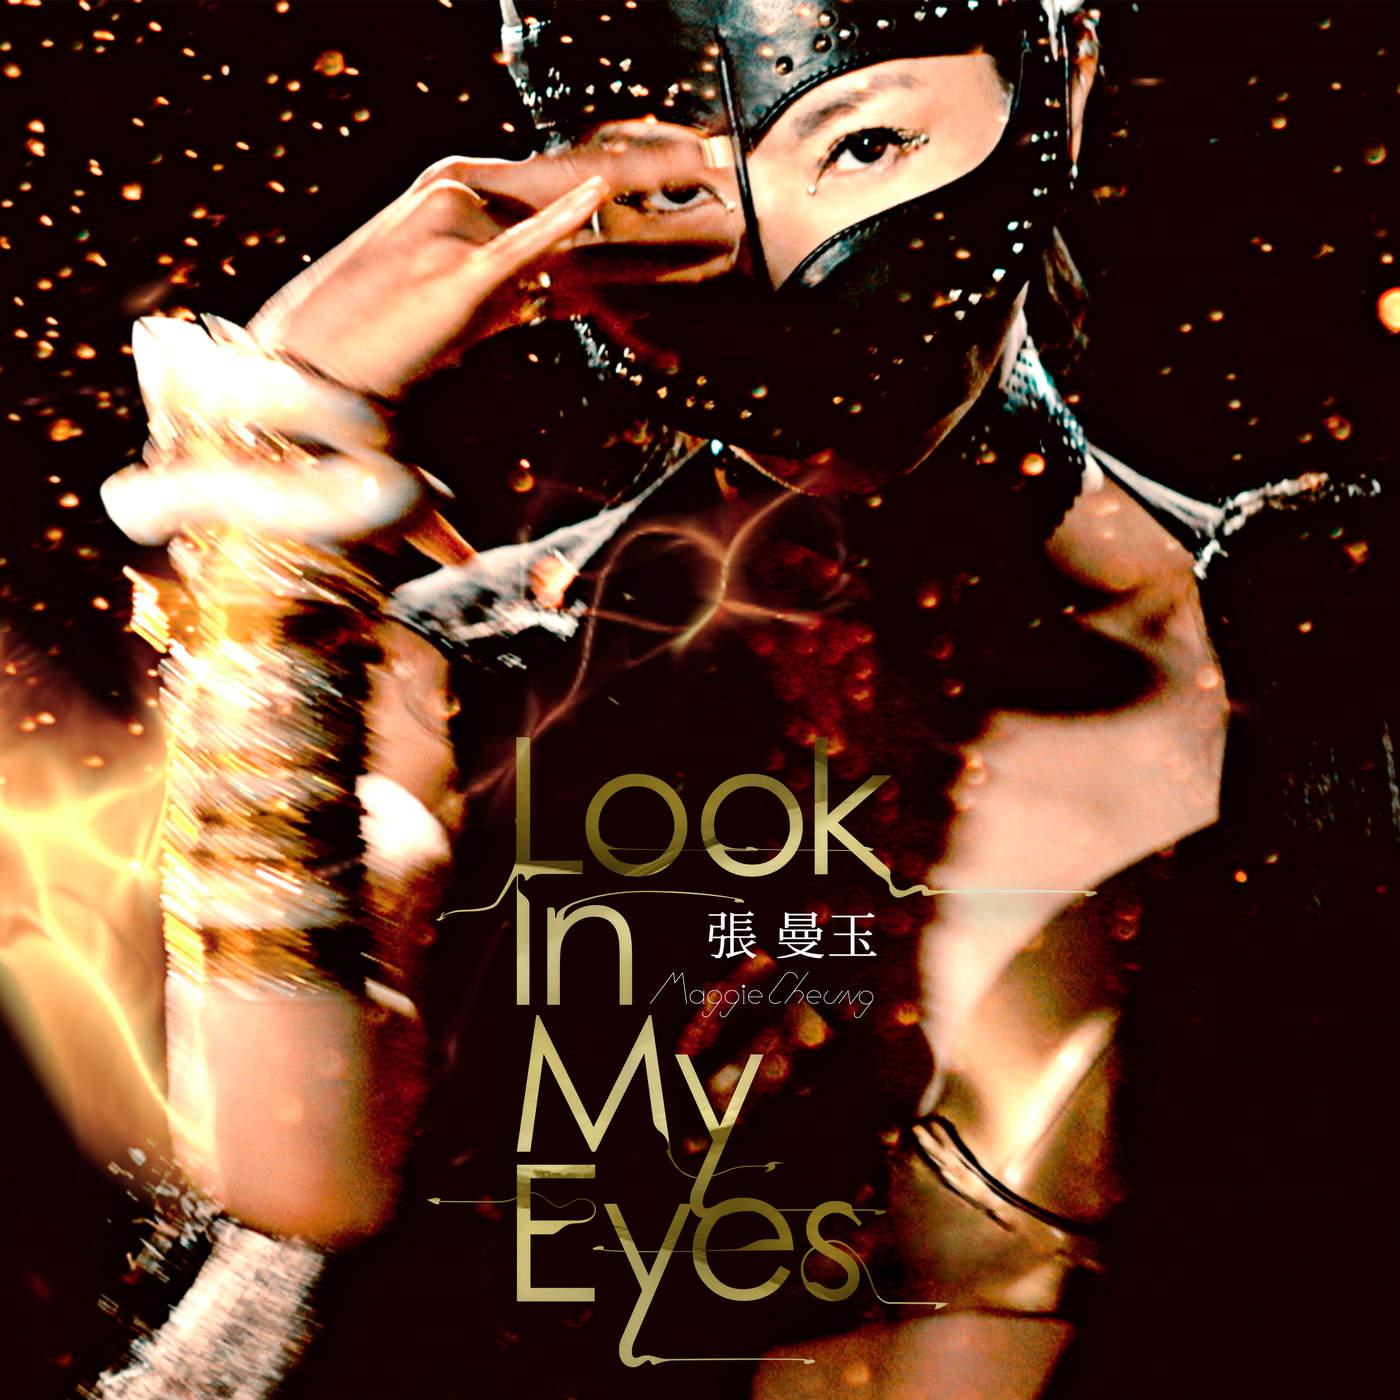 张曼玉 - Look in My Eyes - Single